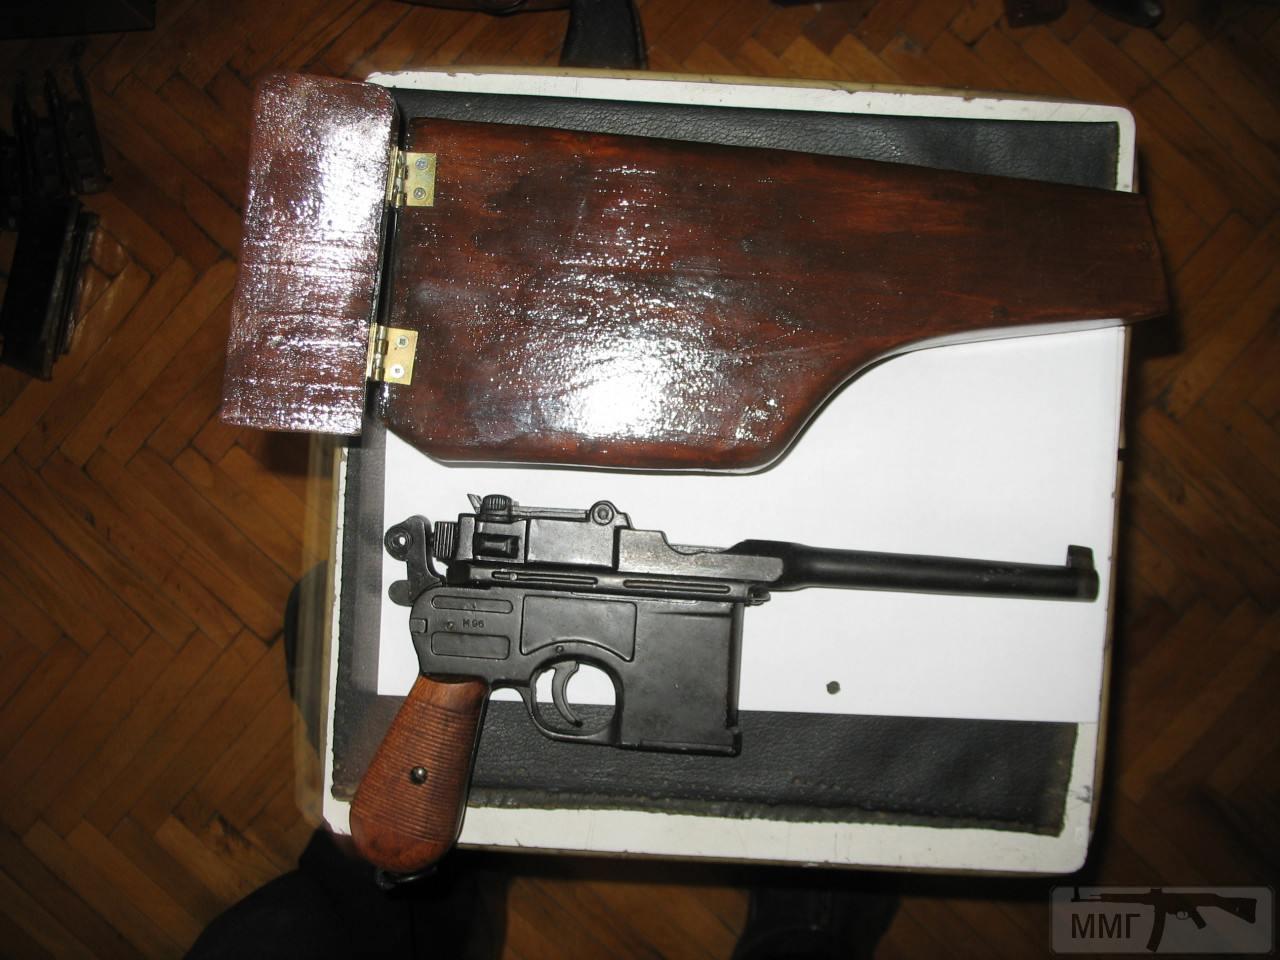 87557 - Шукаю репліки пістолетів